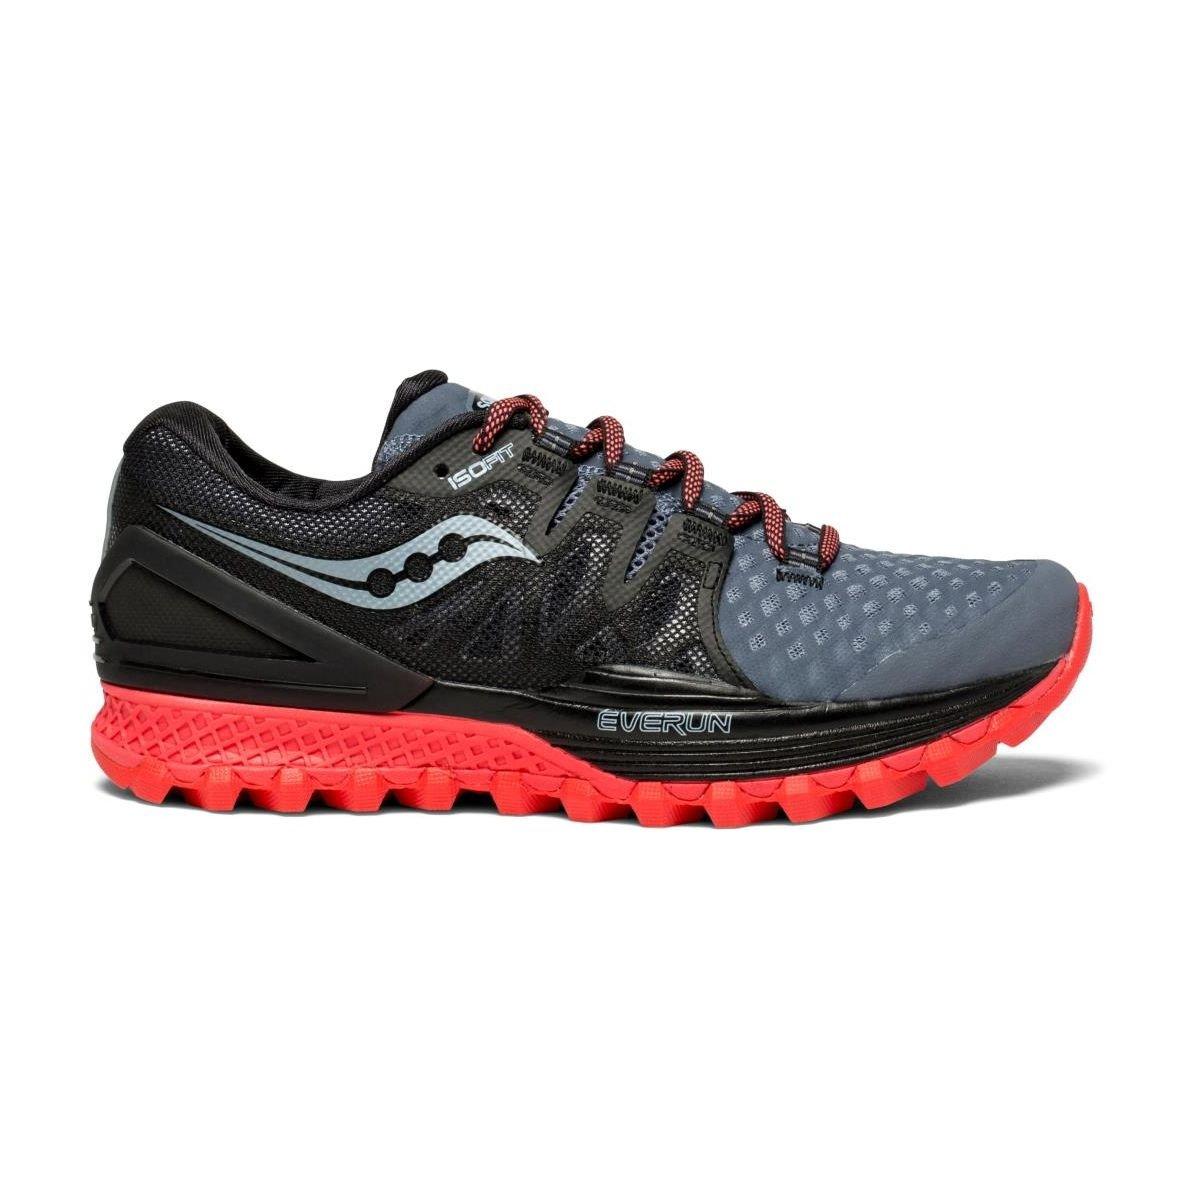 Saucony Xodus ISO 2, Zapatillas de Deporte para Mujer 41 EU Gris (Gry / Blk / Vizi Red 5)